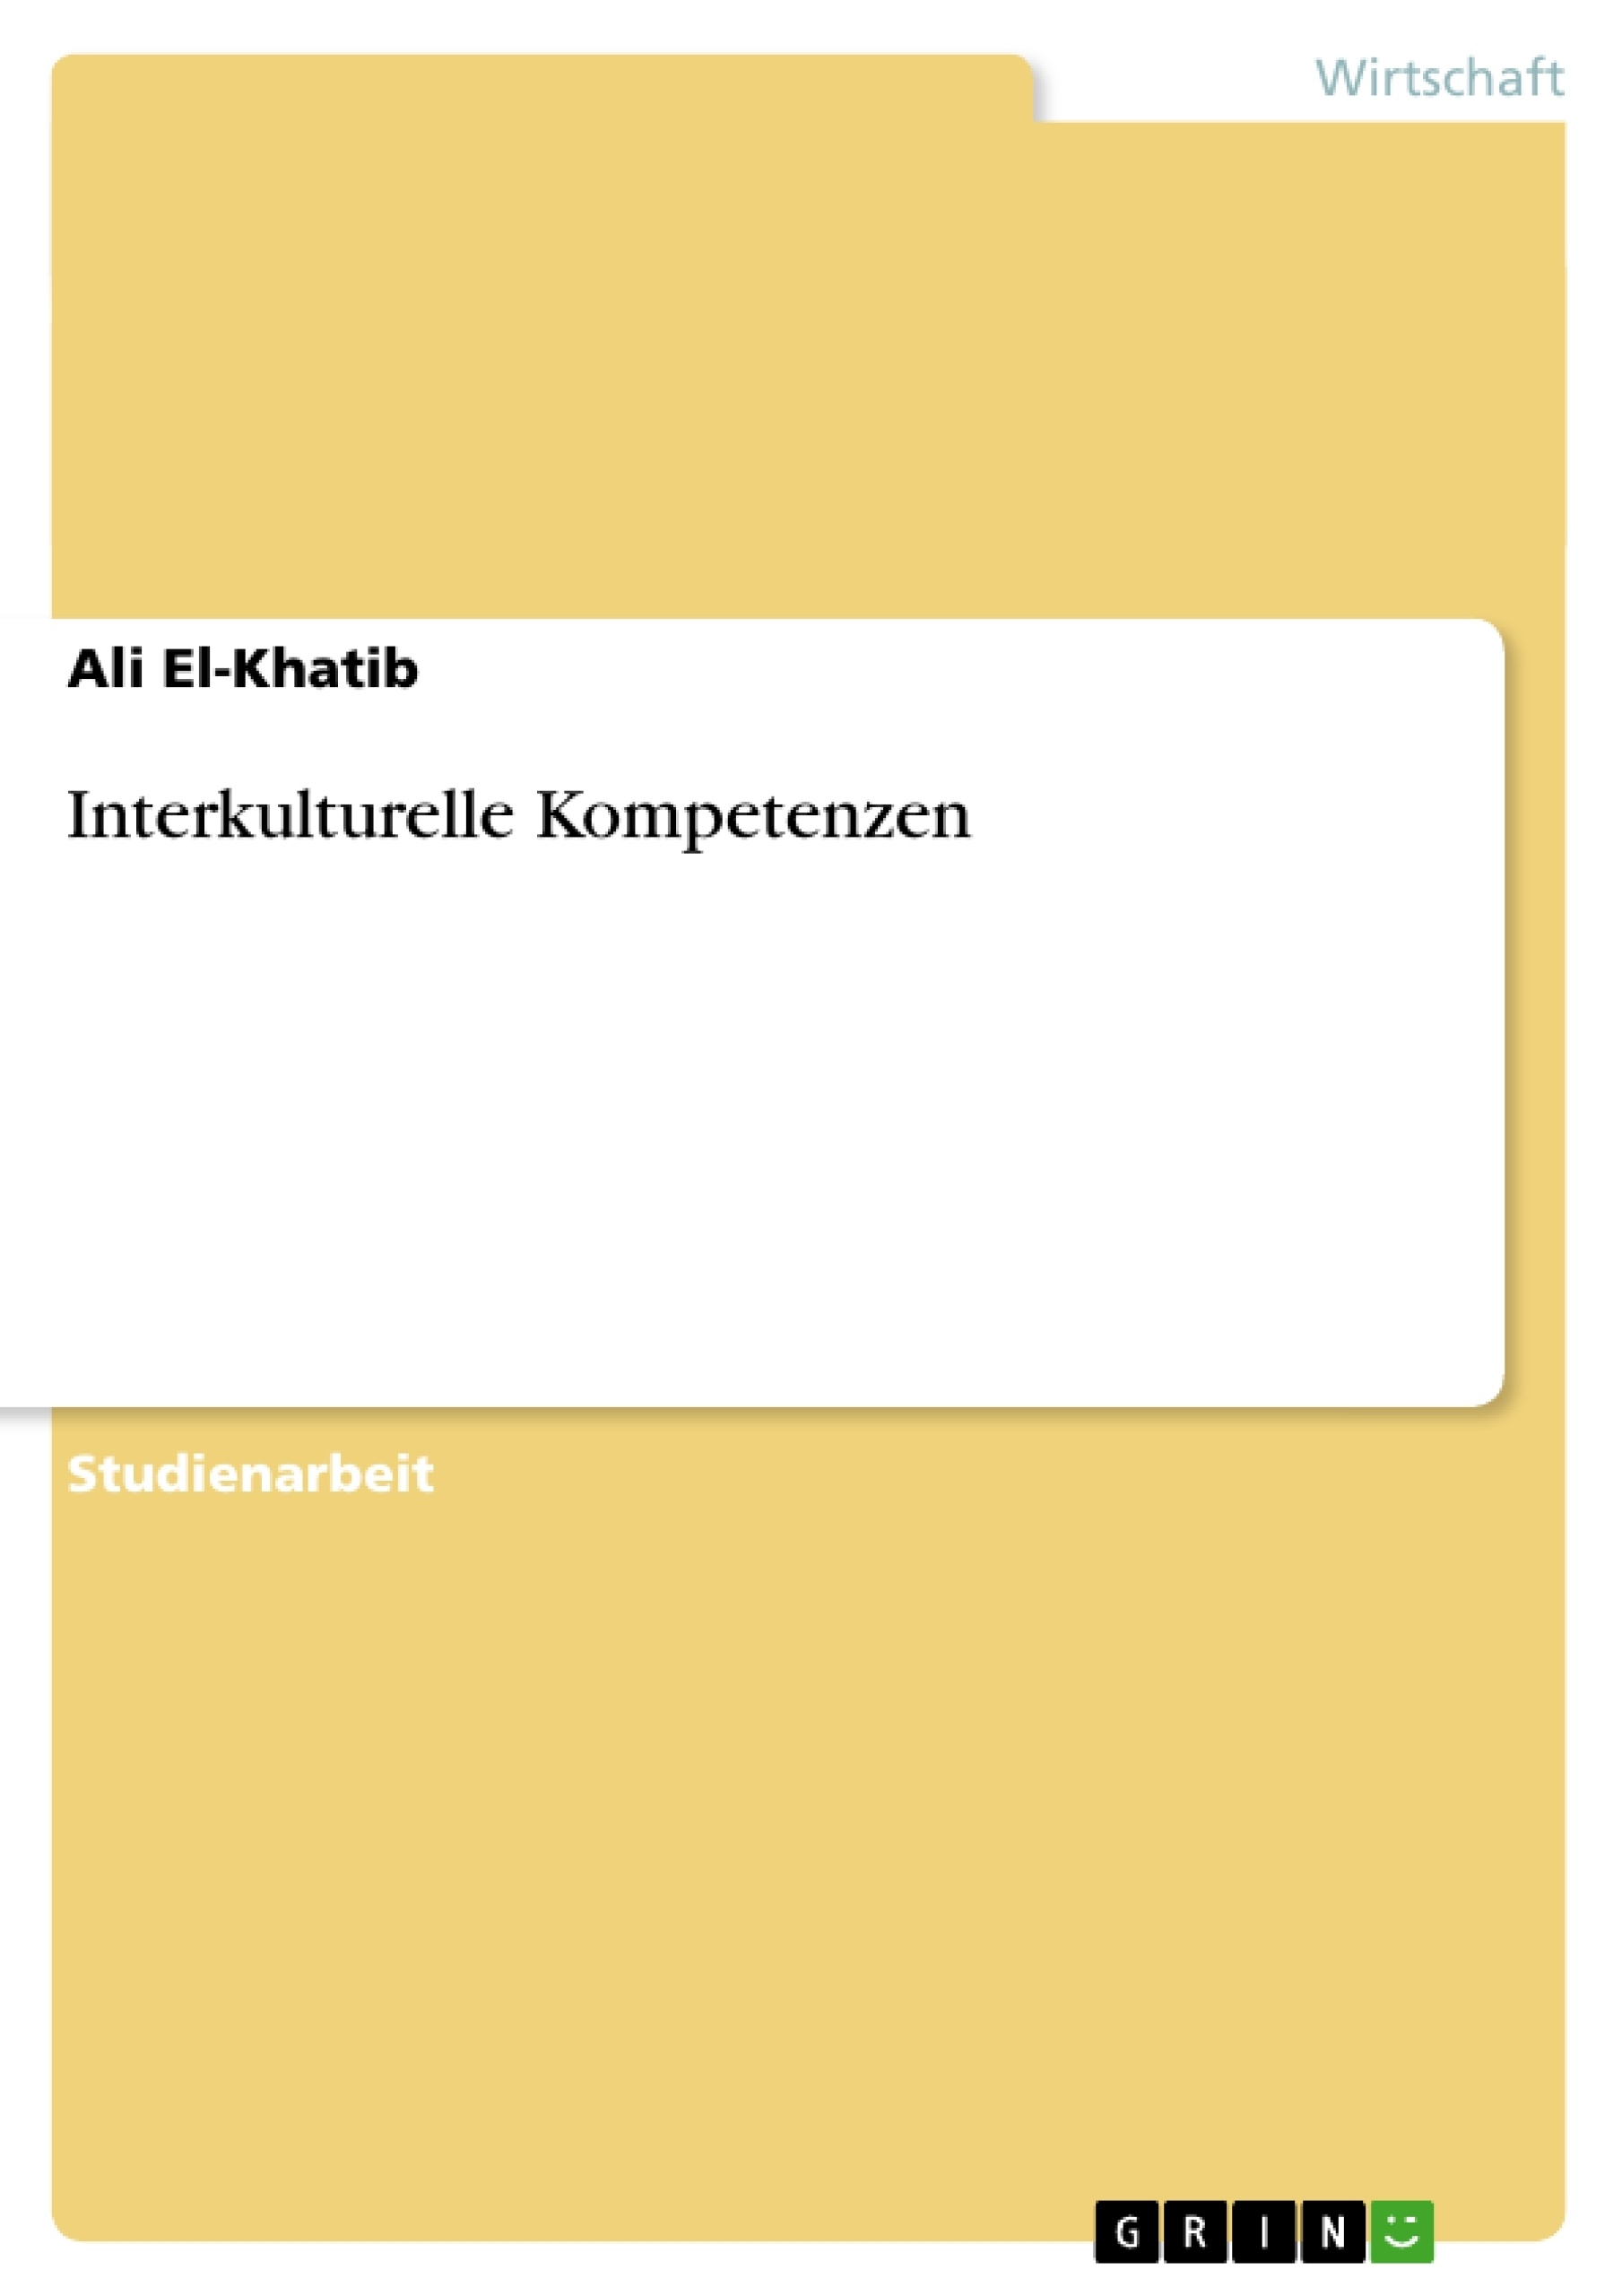 Titel: Interkulturelle Kompetenzen